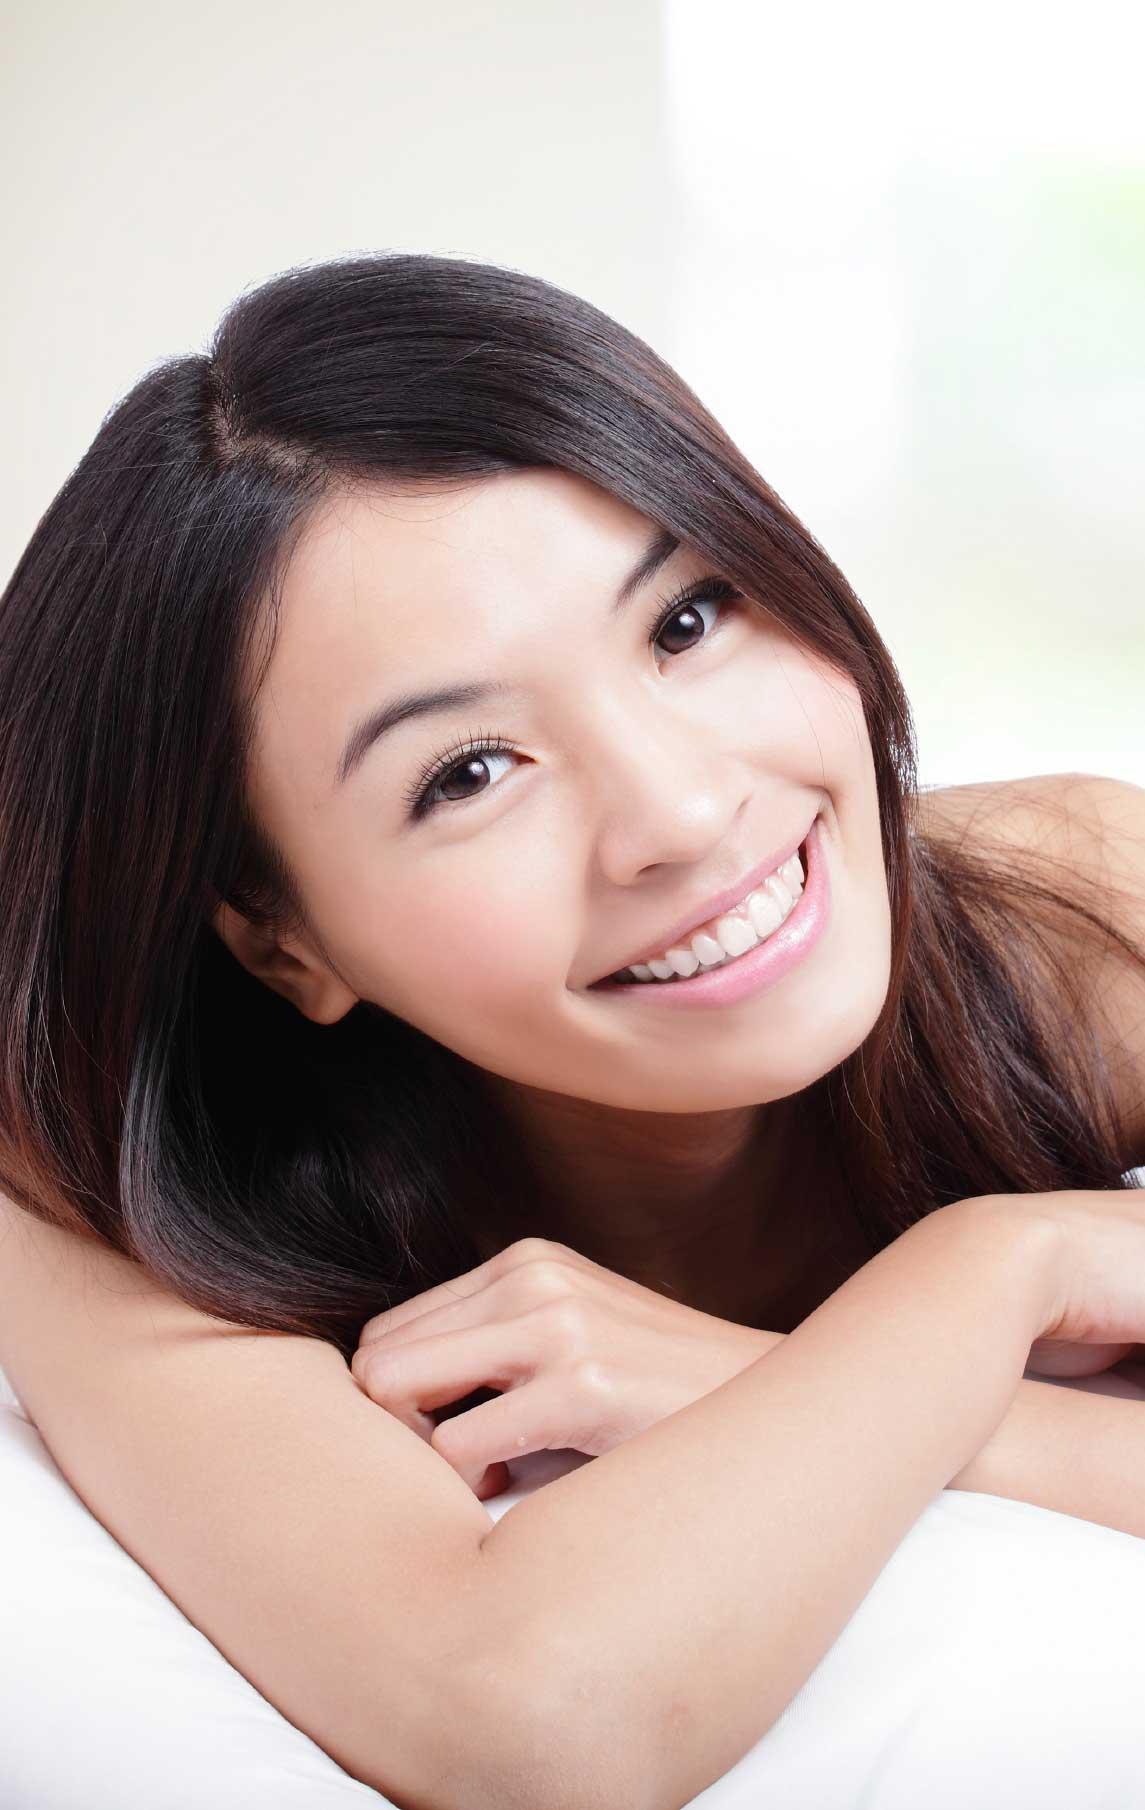 operation asiatiske øjenlåg skønhedsklinik københavn